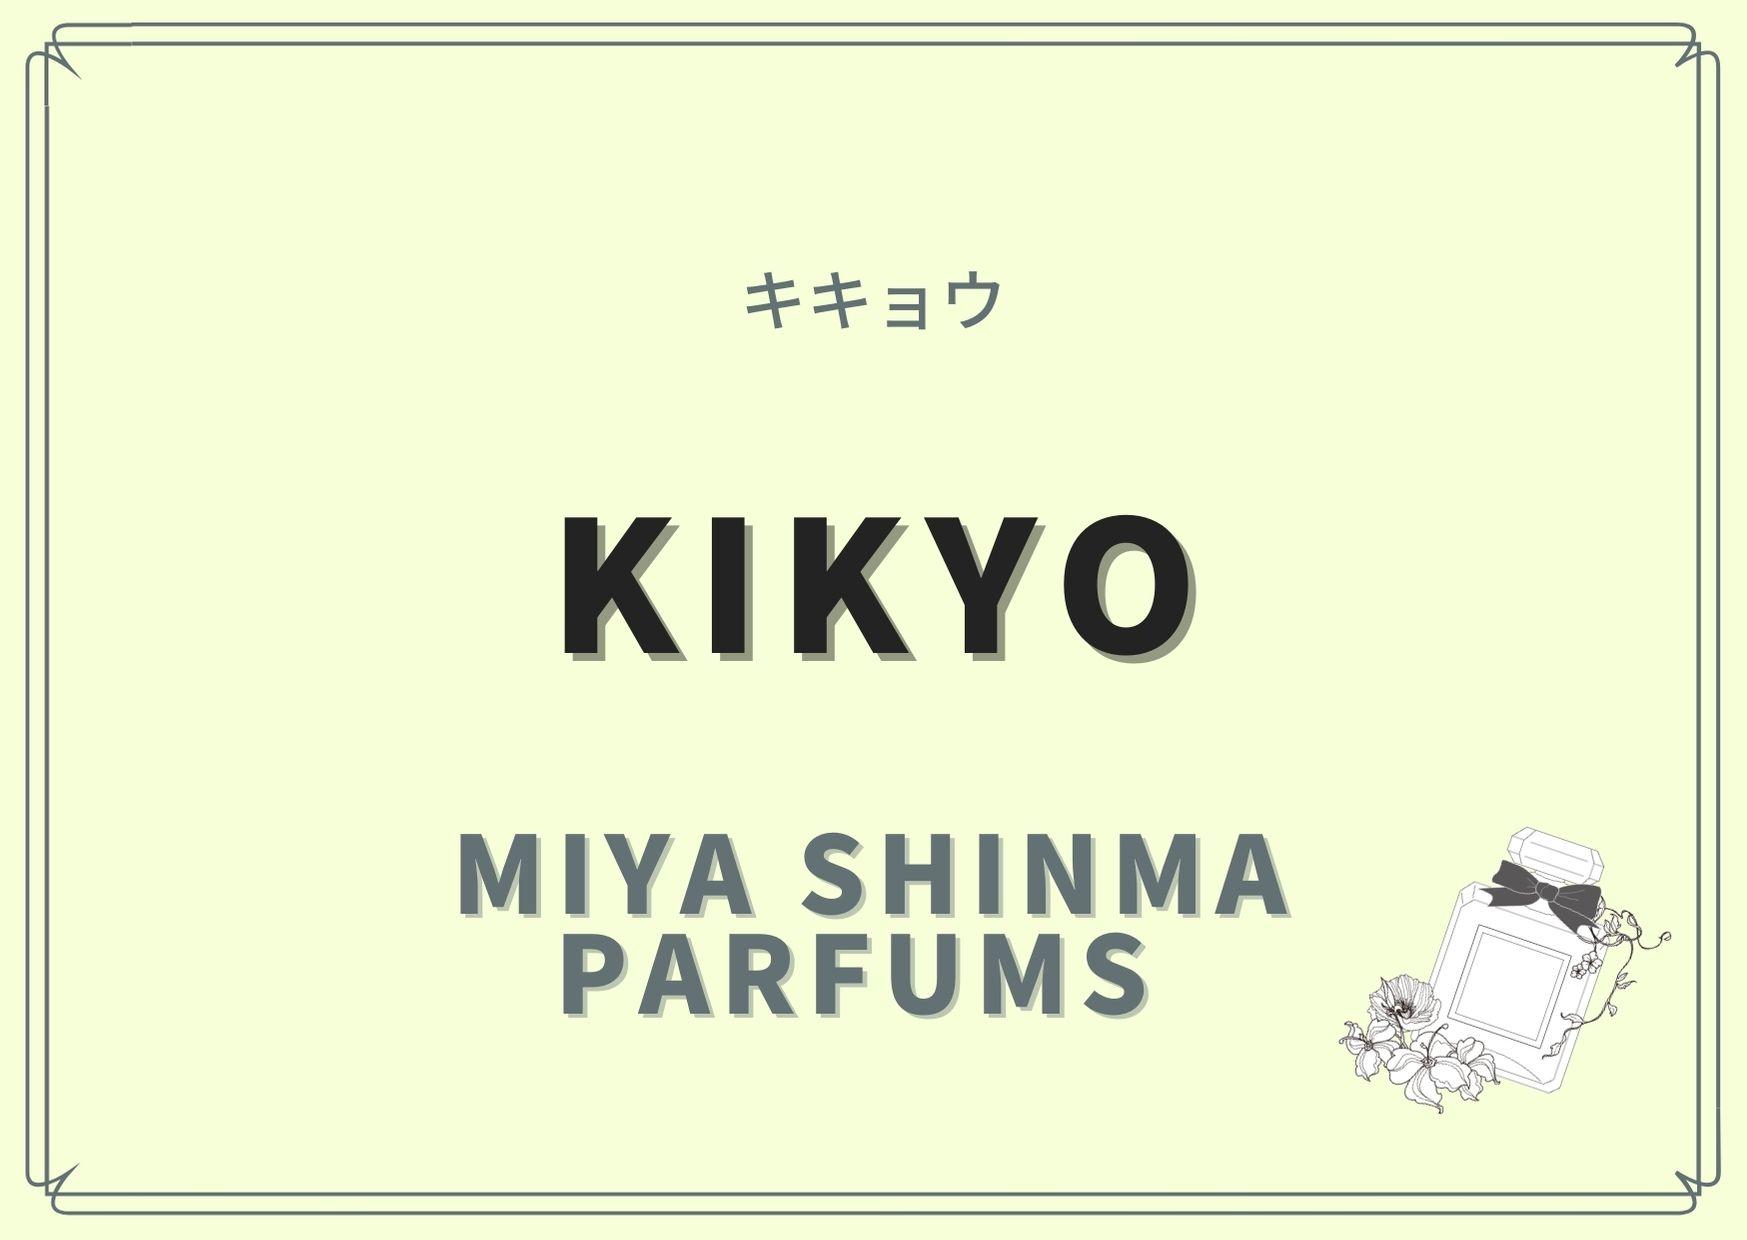 KIKYO(キキョウ)/Miya Shinma parfums (ミヤ シンマ パルファン)